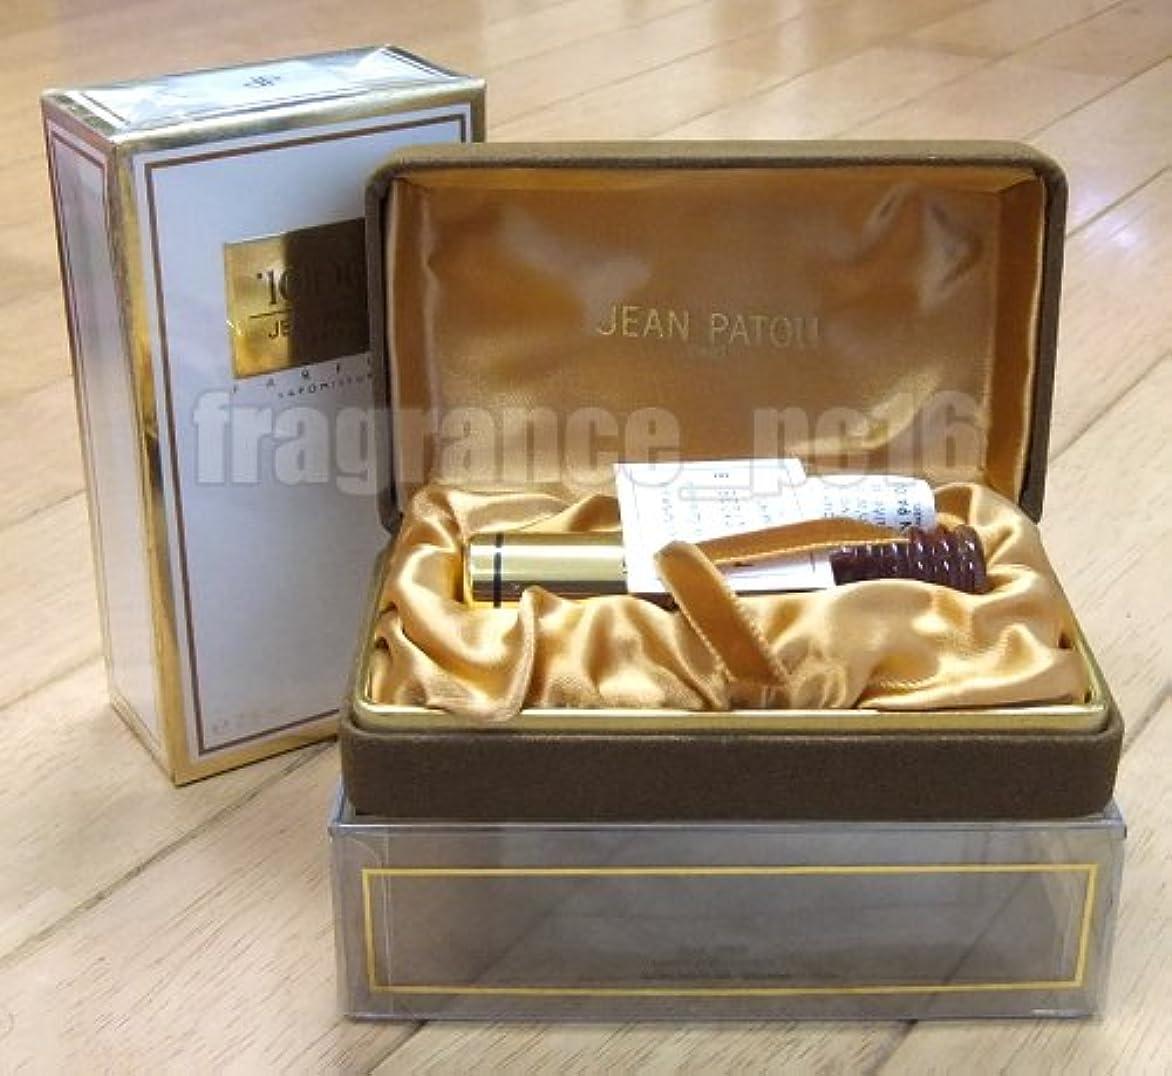 無数の必要性一部JEAN PATOU ジャンパトゥ ミル 1000 パルファム 7.5ml スプレー (並行輸入) Parfum